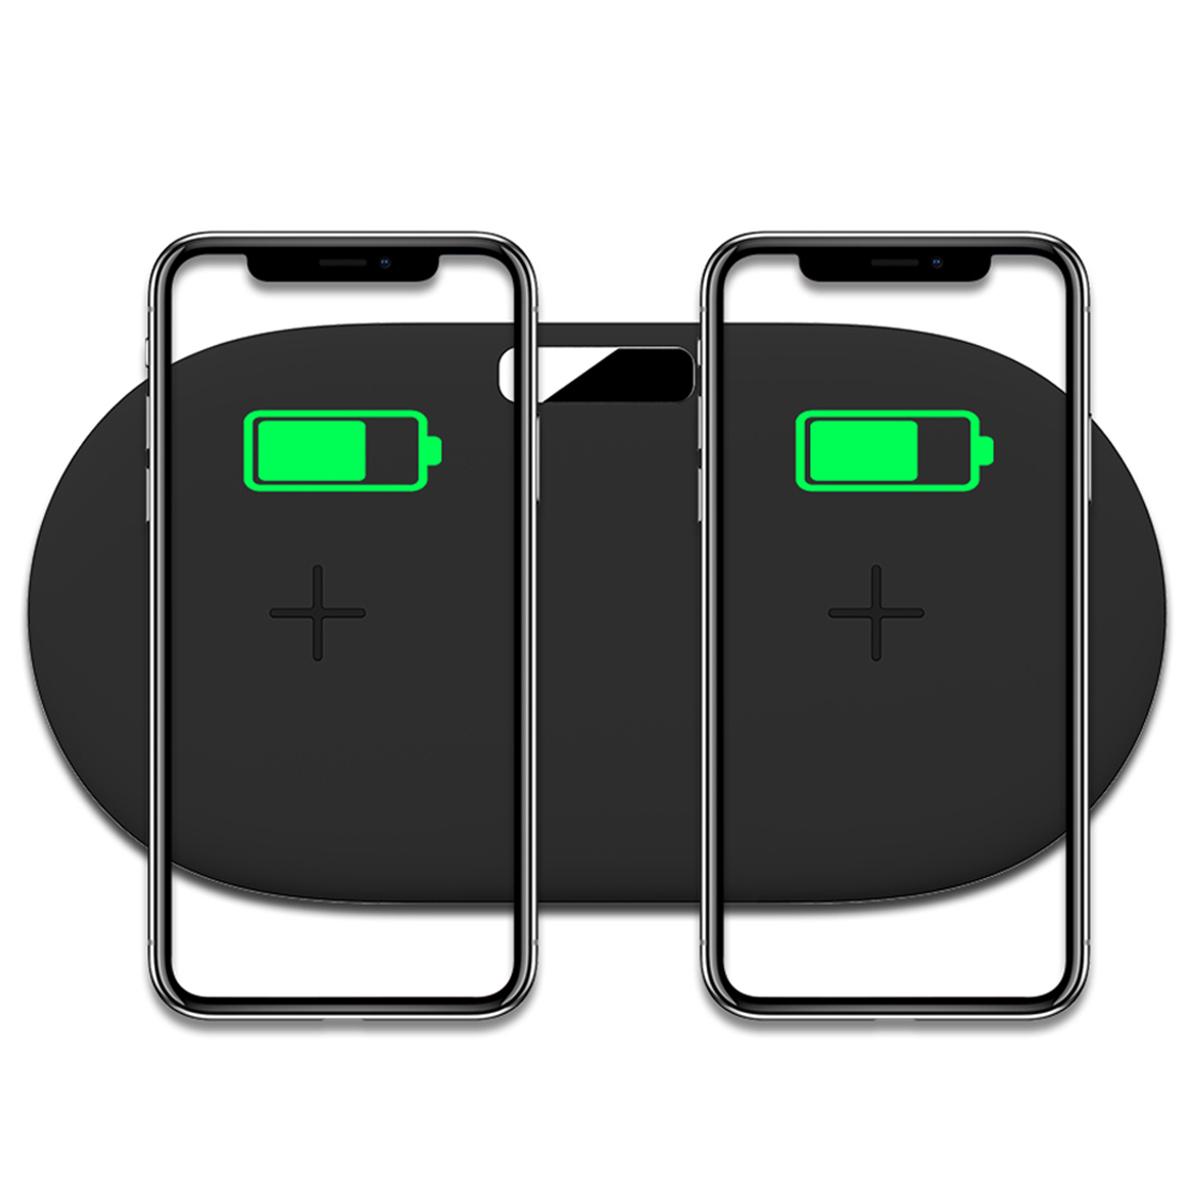 Type-C Порт 2 в 1 10W Беспроводное зарядное устройство Qi Быстрая зарядка Наушник Зарядное устройство для устройств с по - фото 2